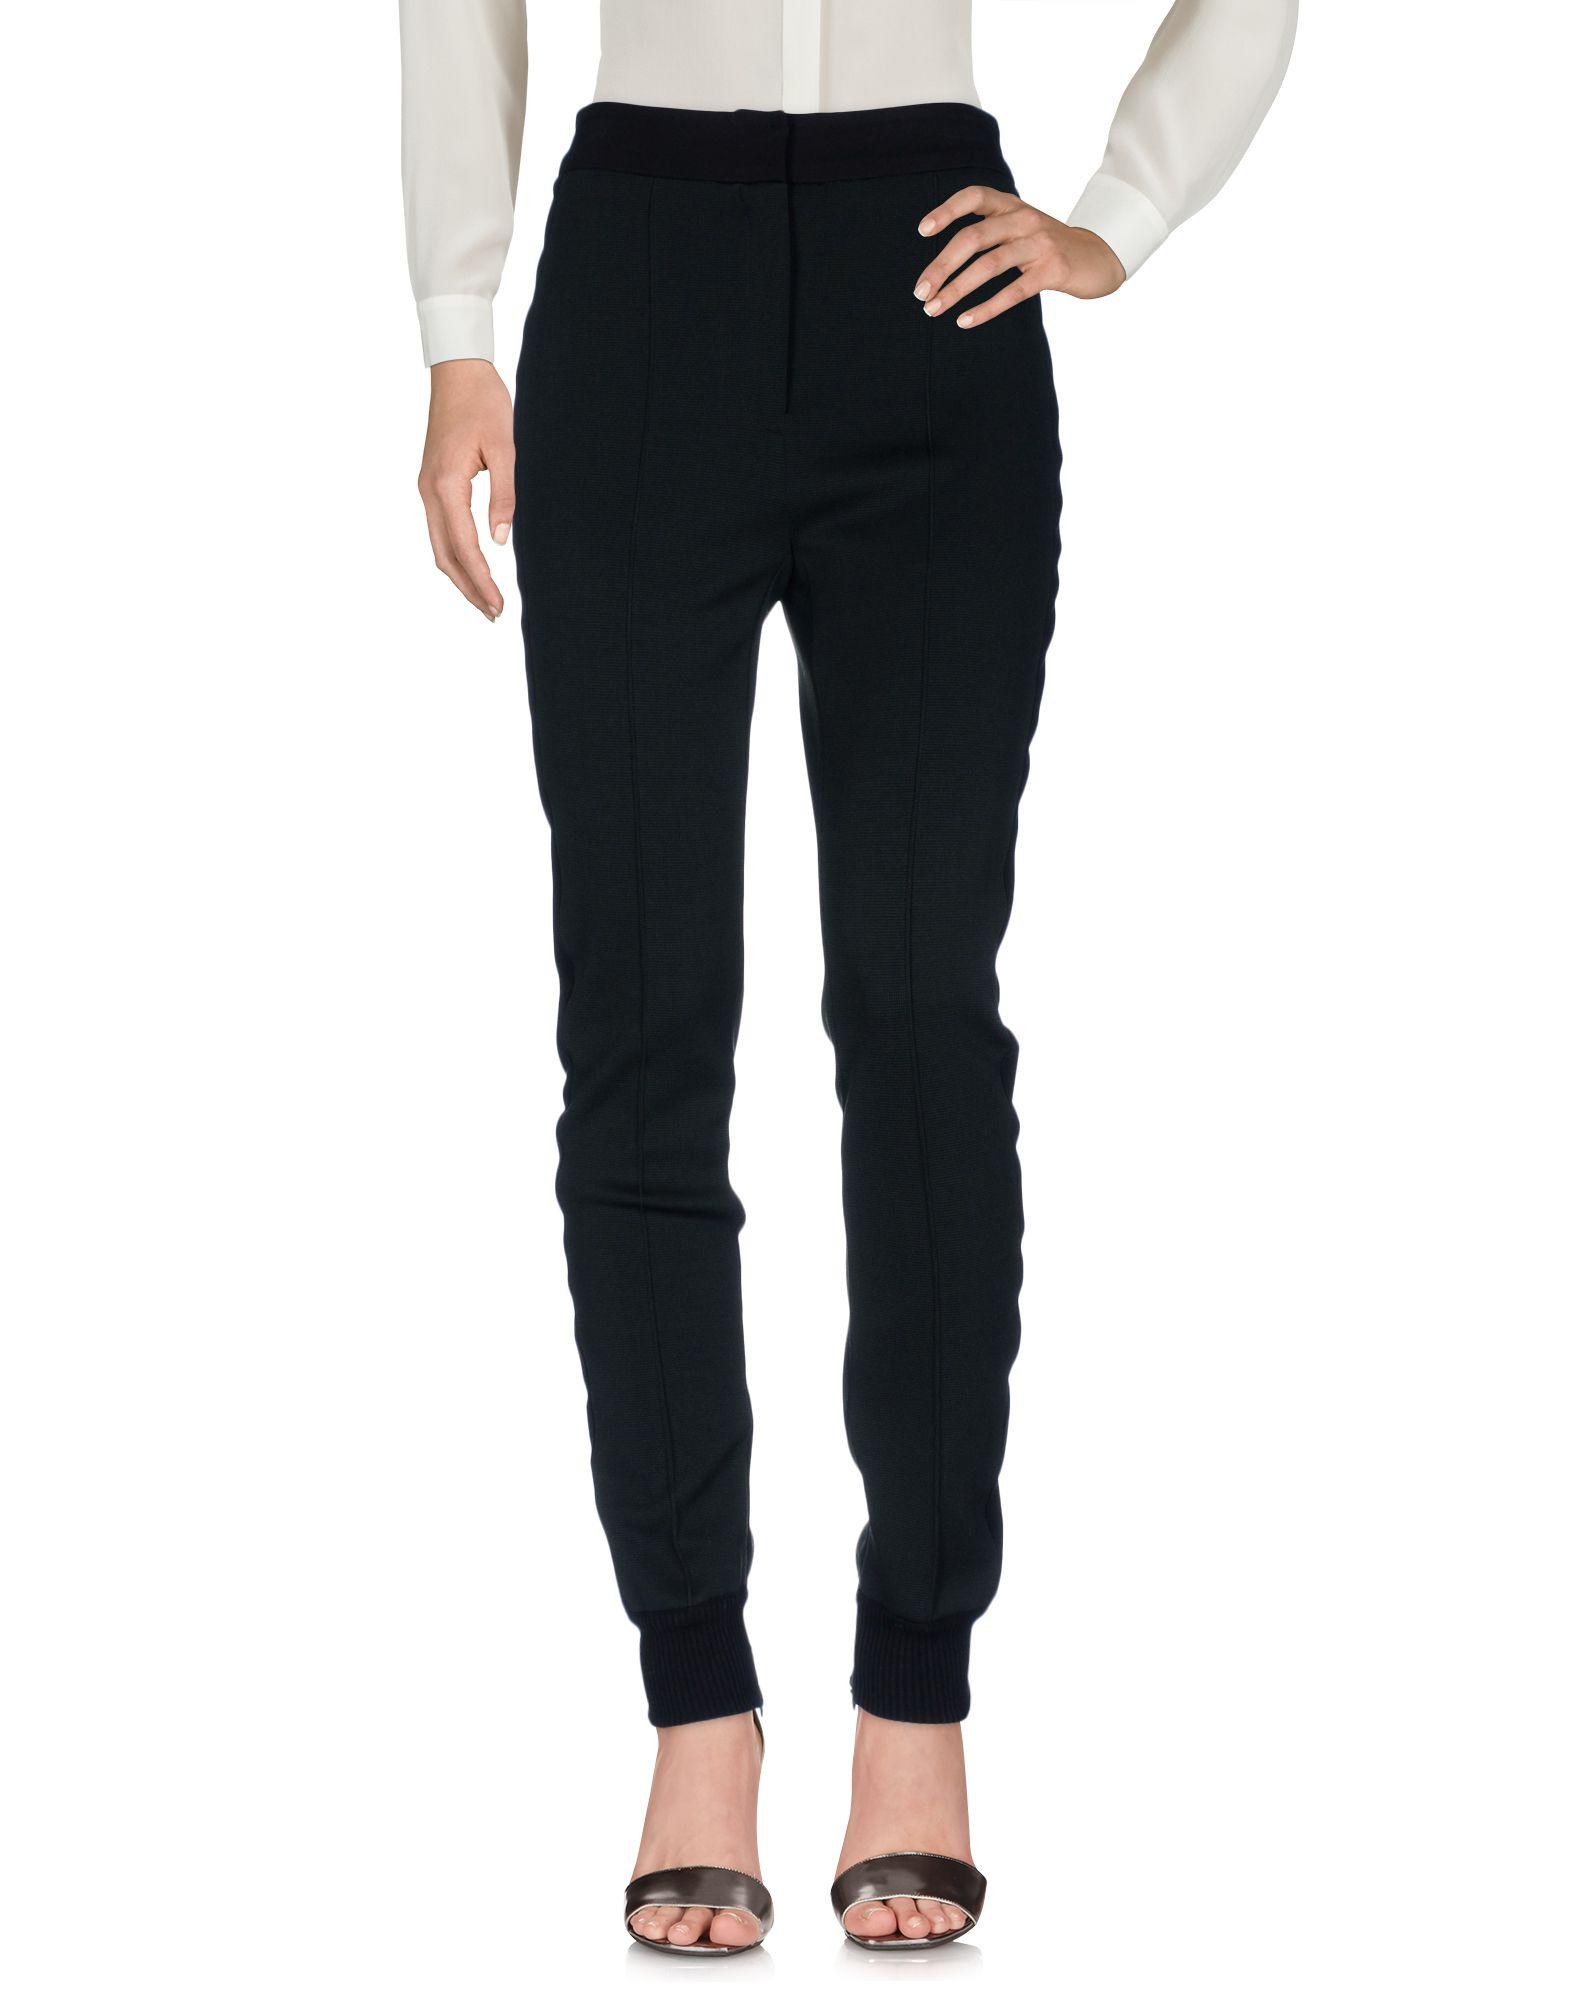 DOLCE & GABBANA П��вседневные брюки купить брюки п ш парадные ов новый образец от юдашкина